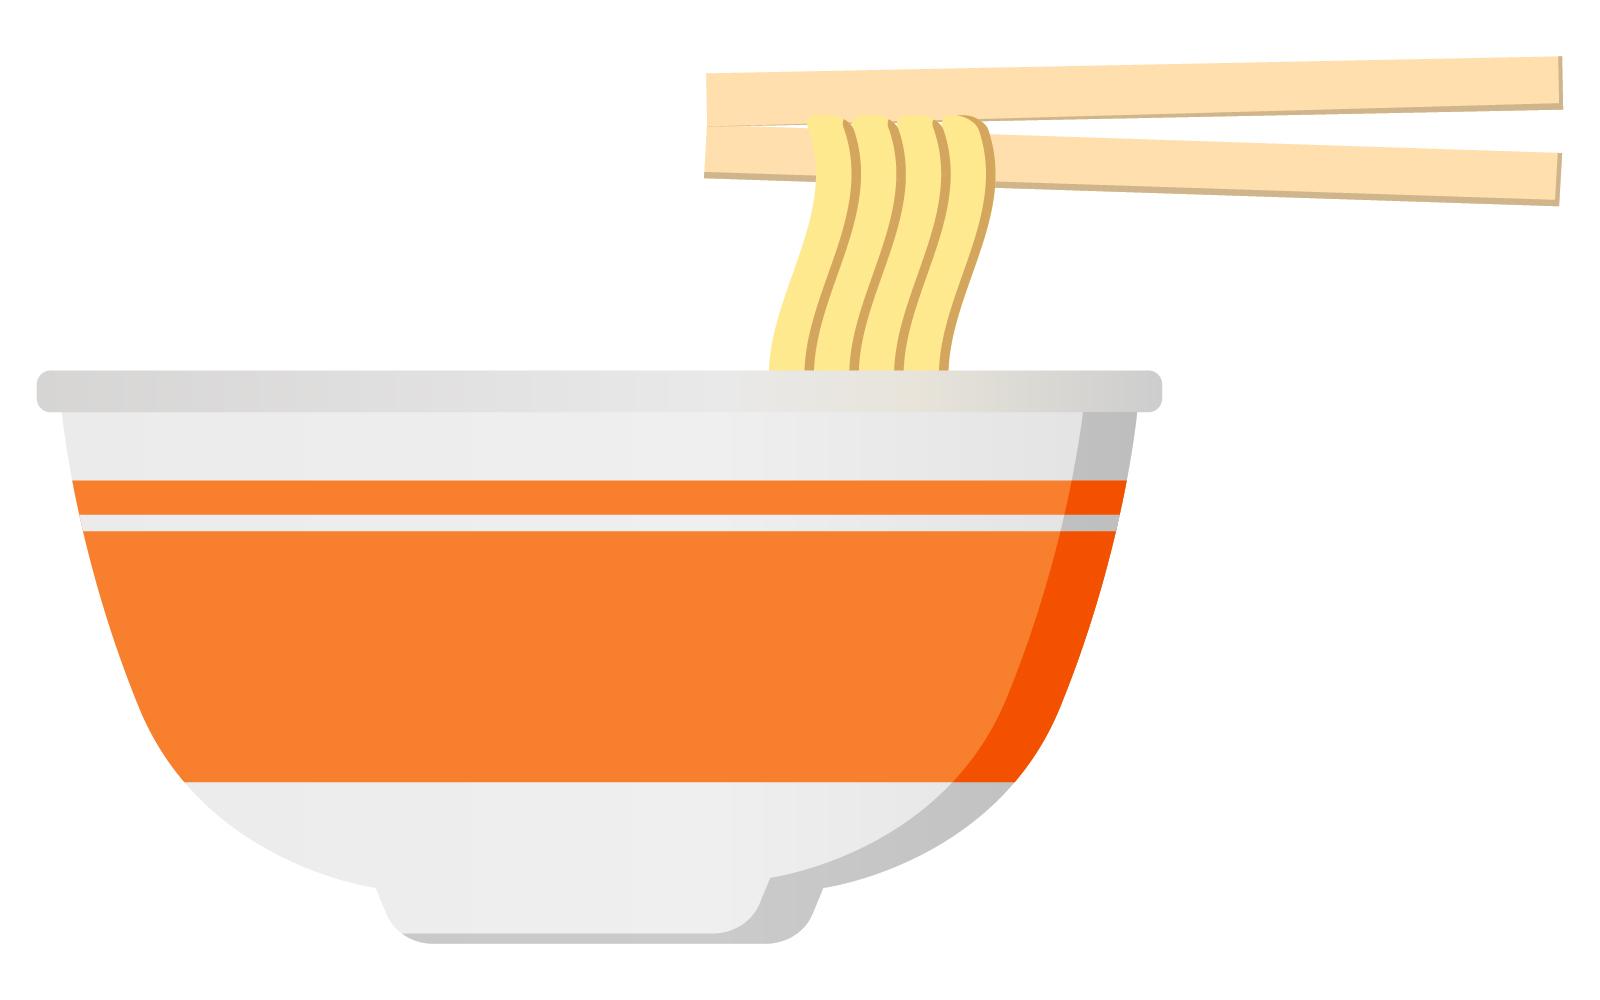 カップ麺イラスト